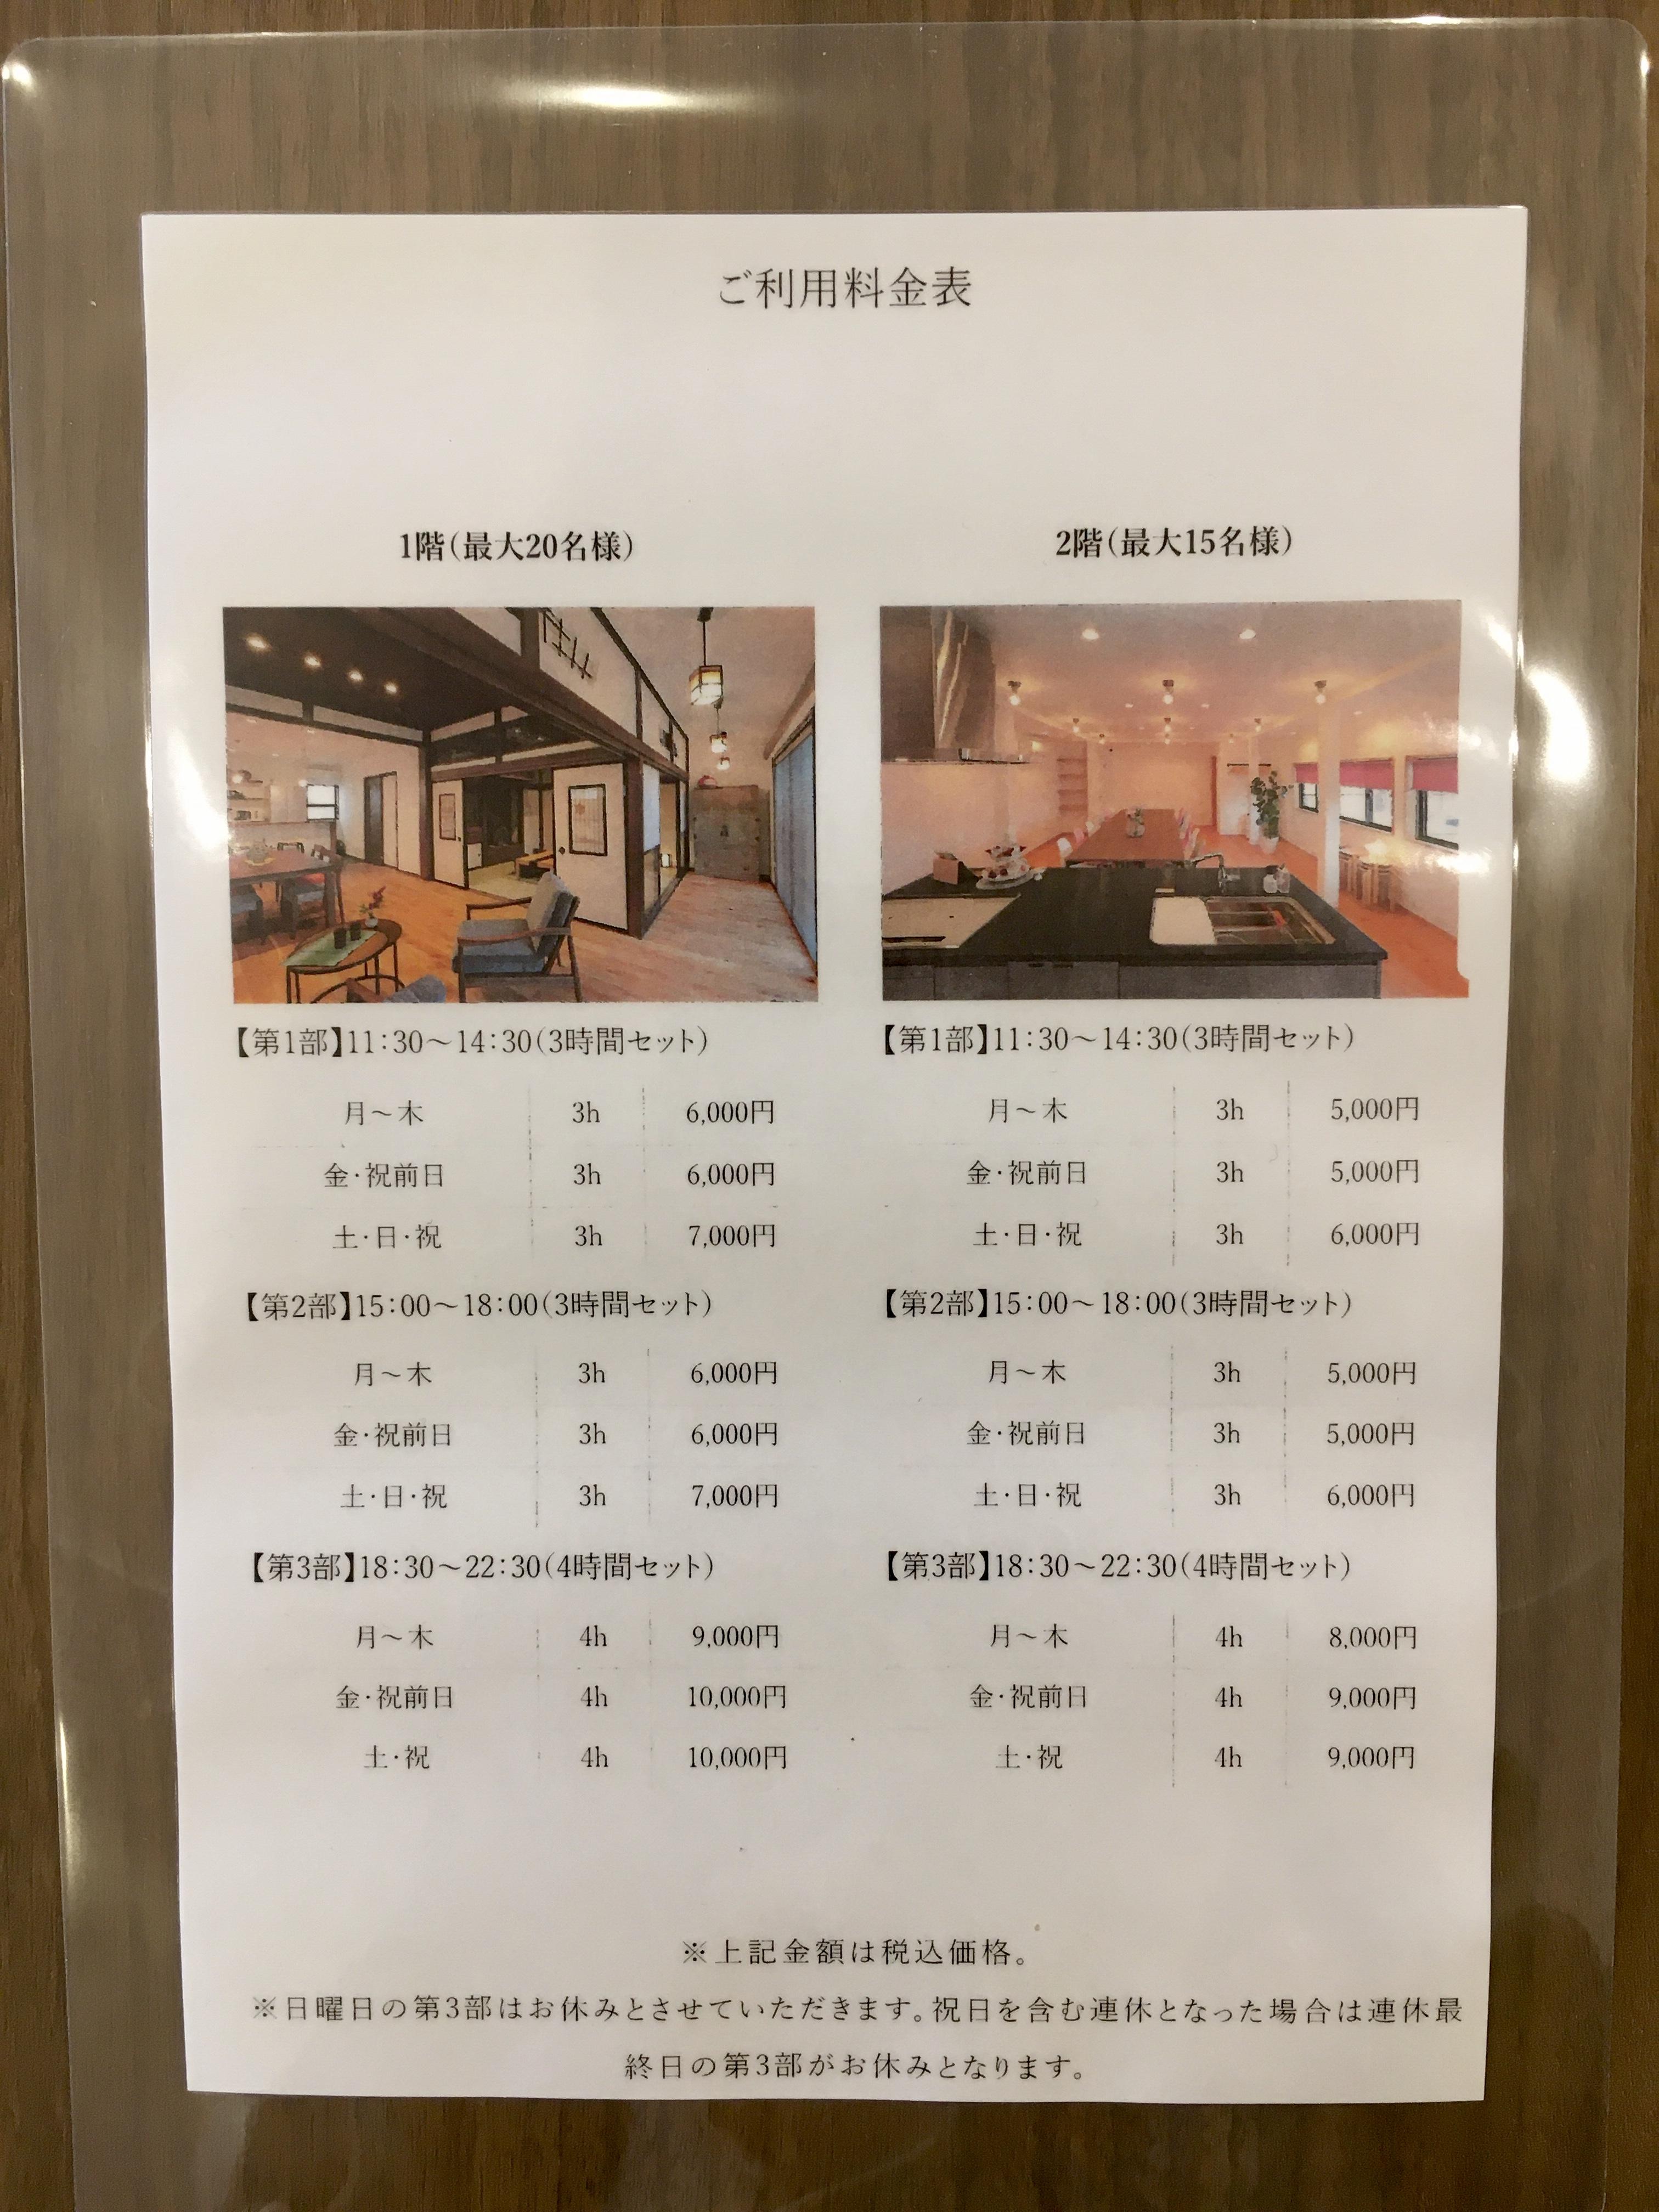 入母屋珈琲レンタルスペース料金表